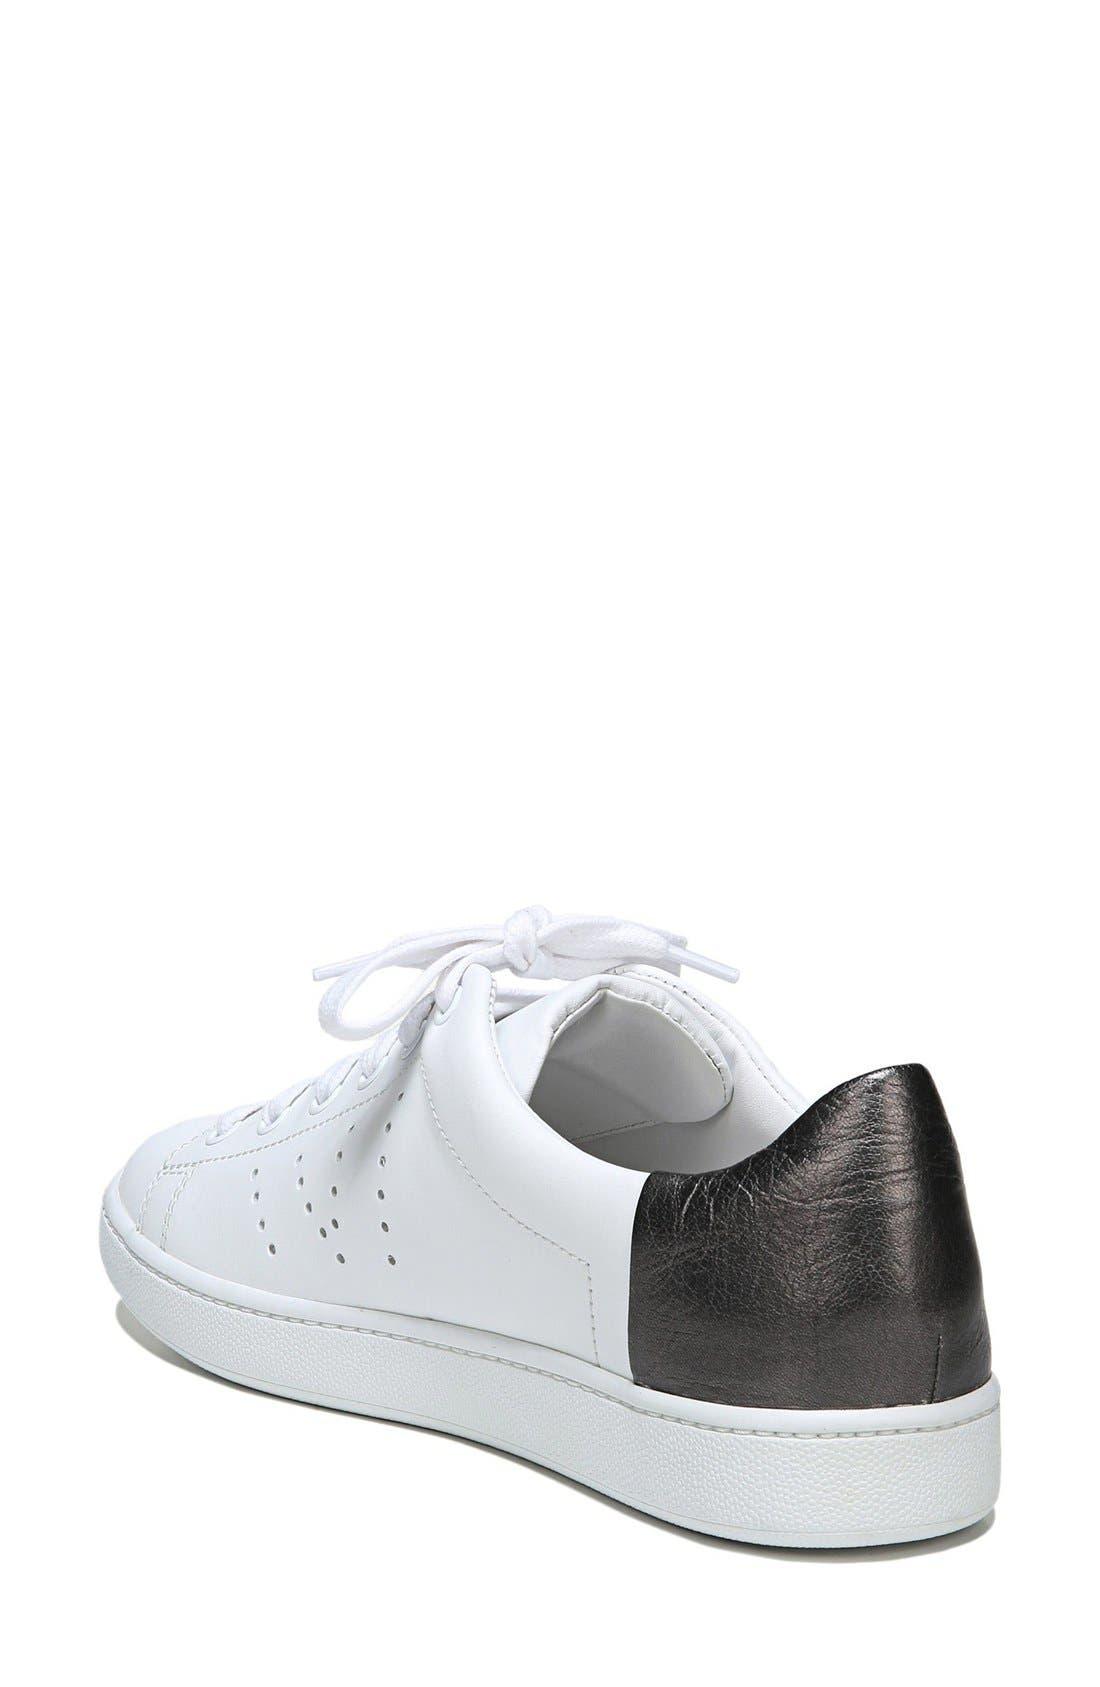 Alternate Image 2  - Vince 'Varin' Sneaker (Women)